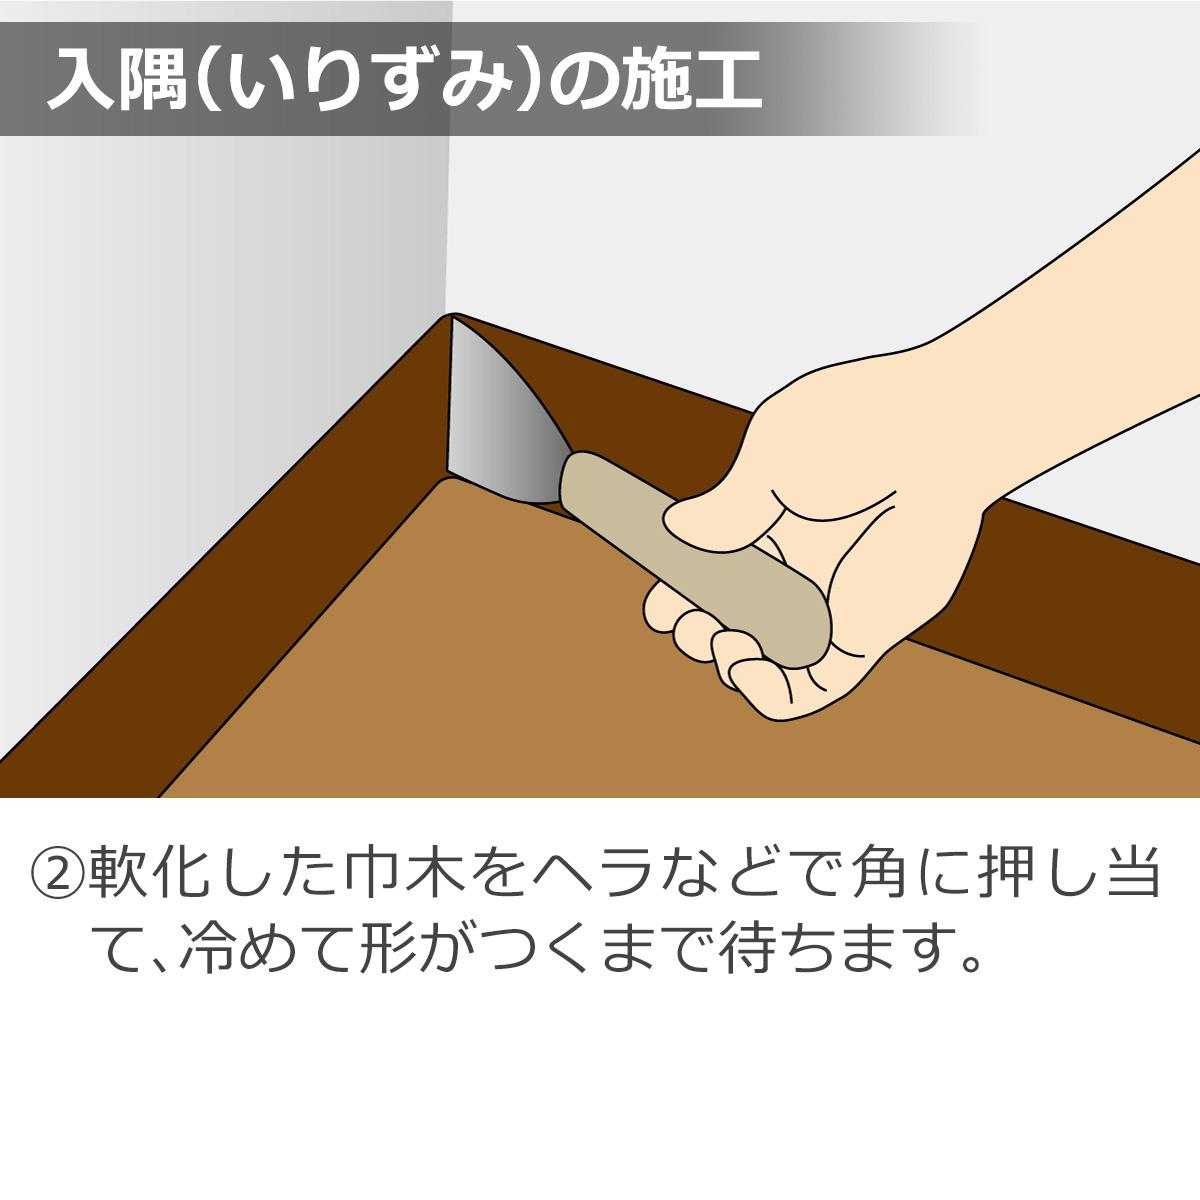 入隅(いりずみ)の施工 2・軟化した巾木をヘラなどで角に押し当て、冷めて形がつくまで待ちます。